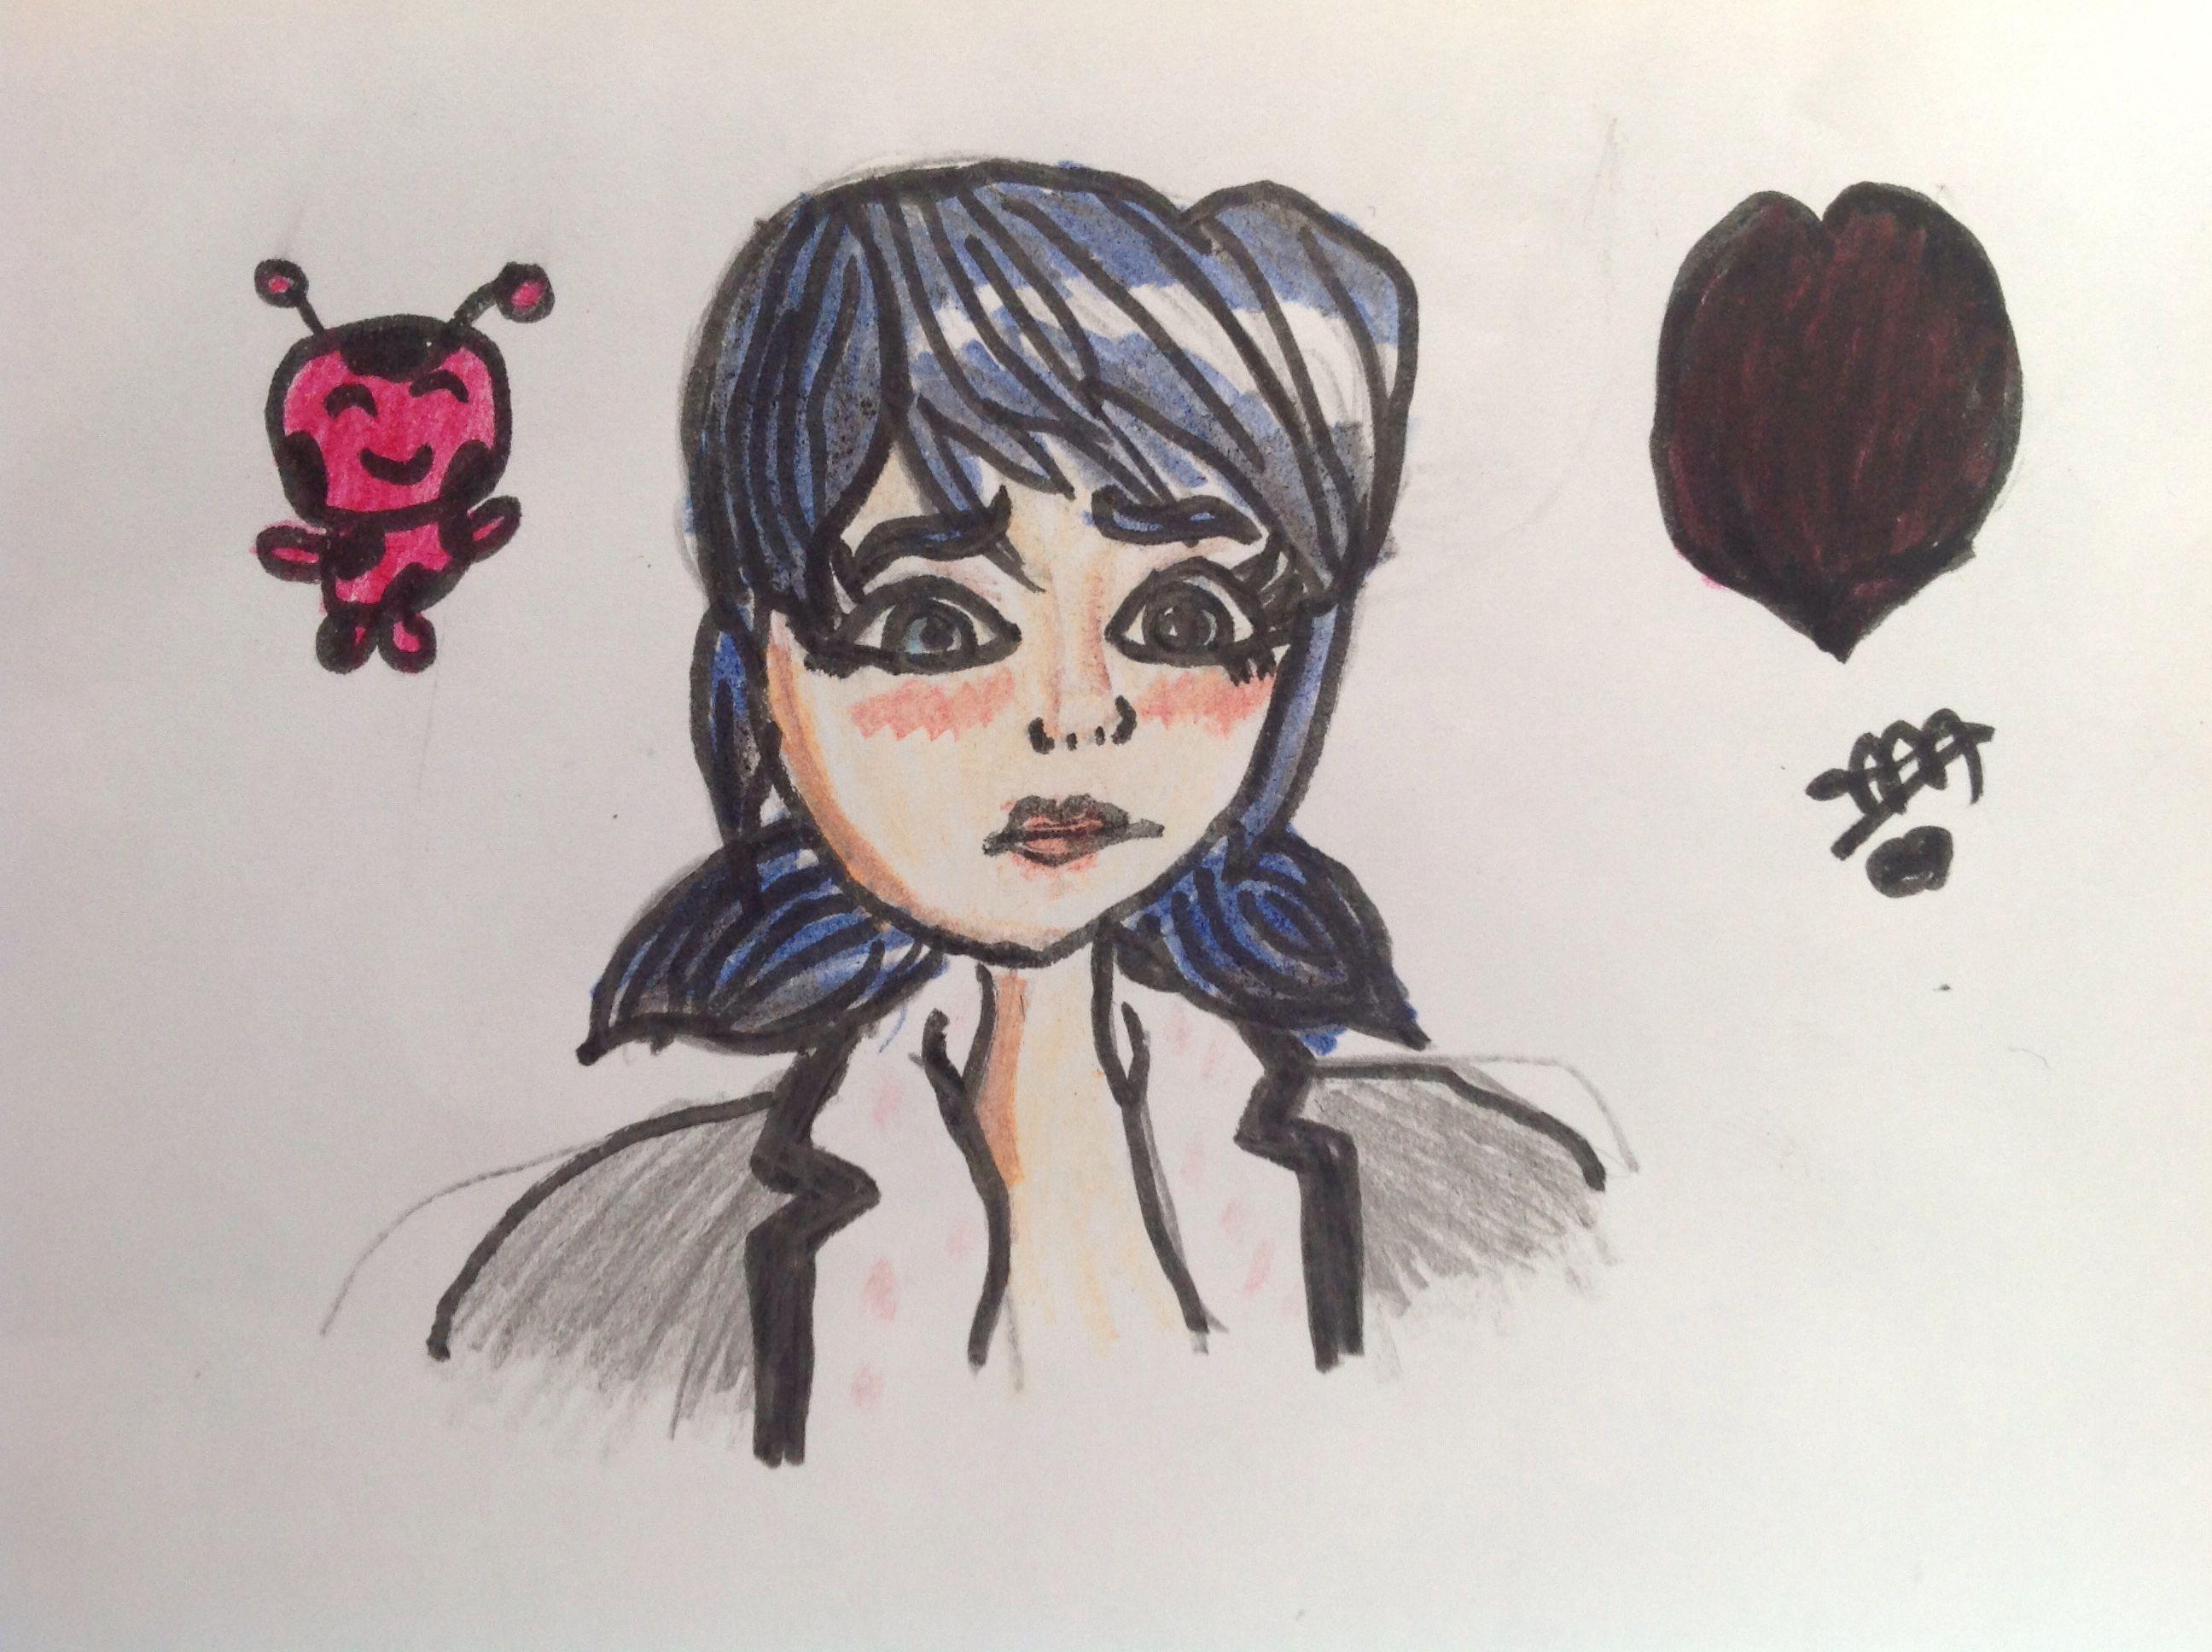 رسم كرتون تحول الدعسوقة العادي Art Female Sketch Humanoid Sketch